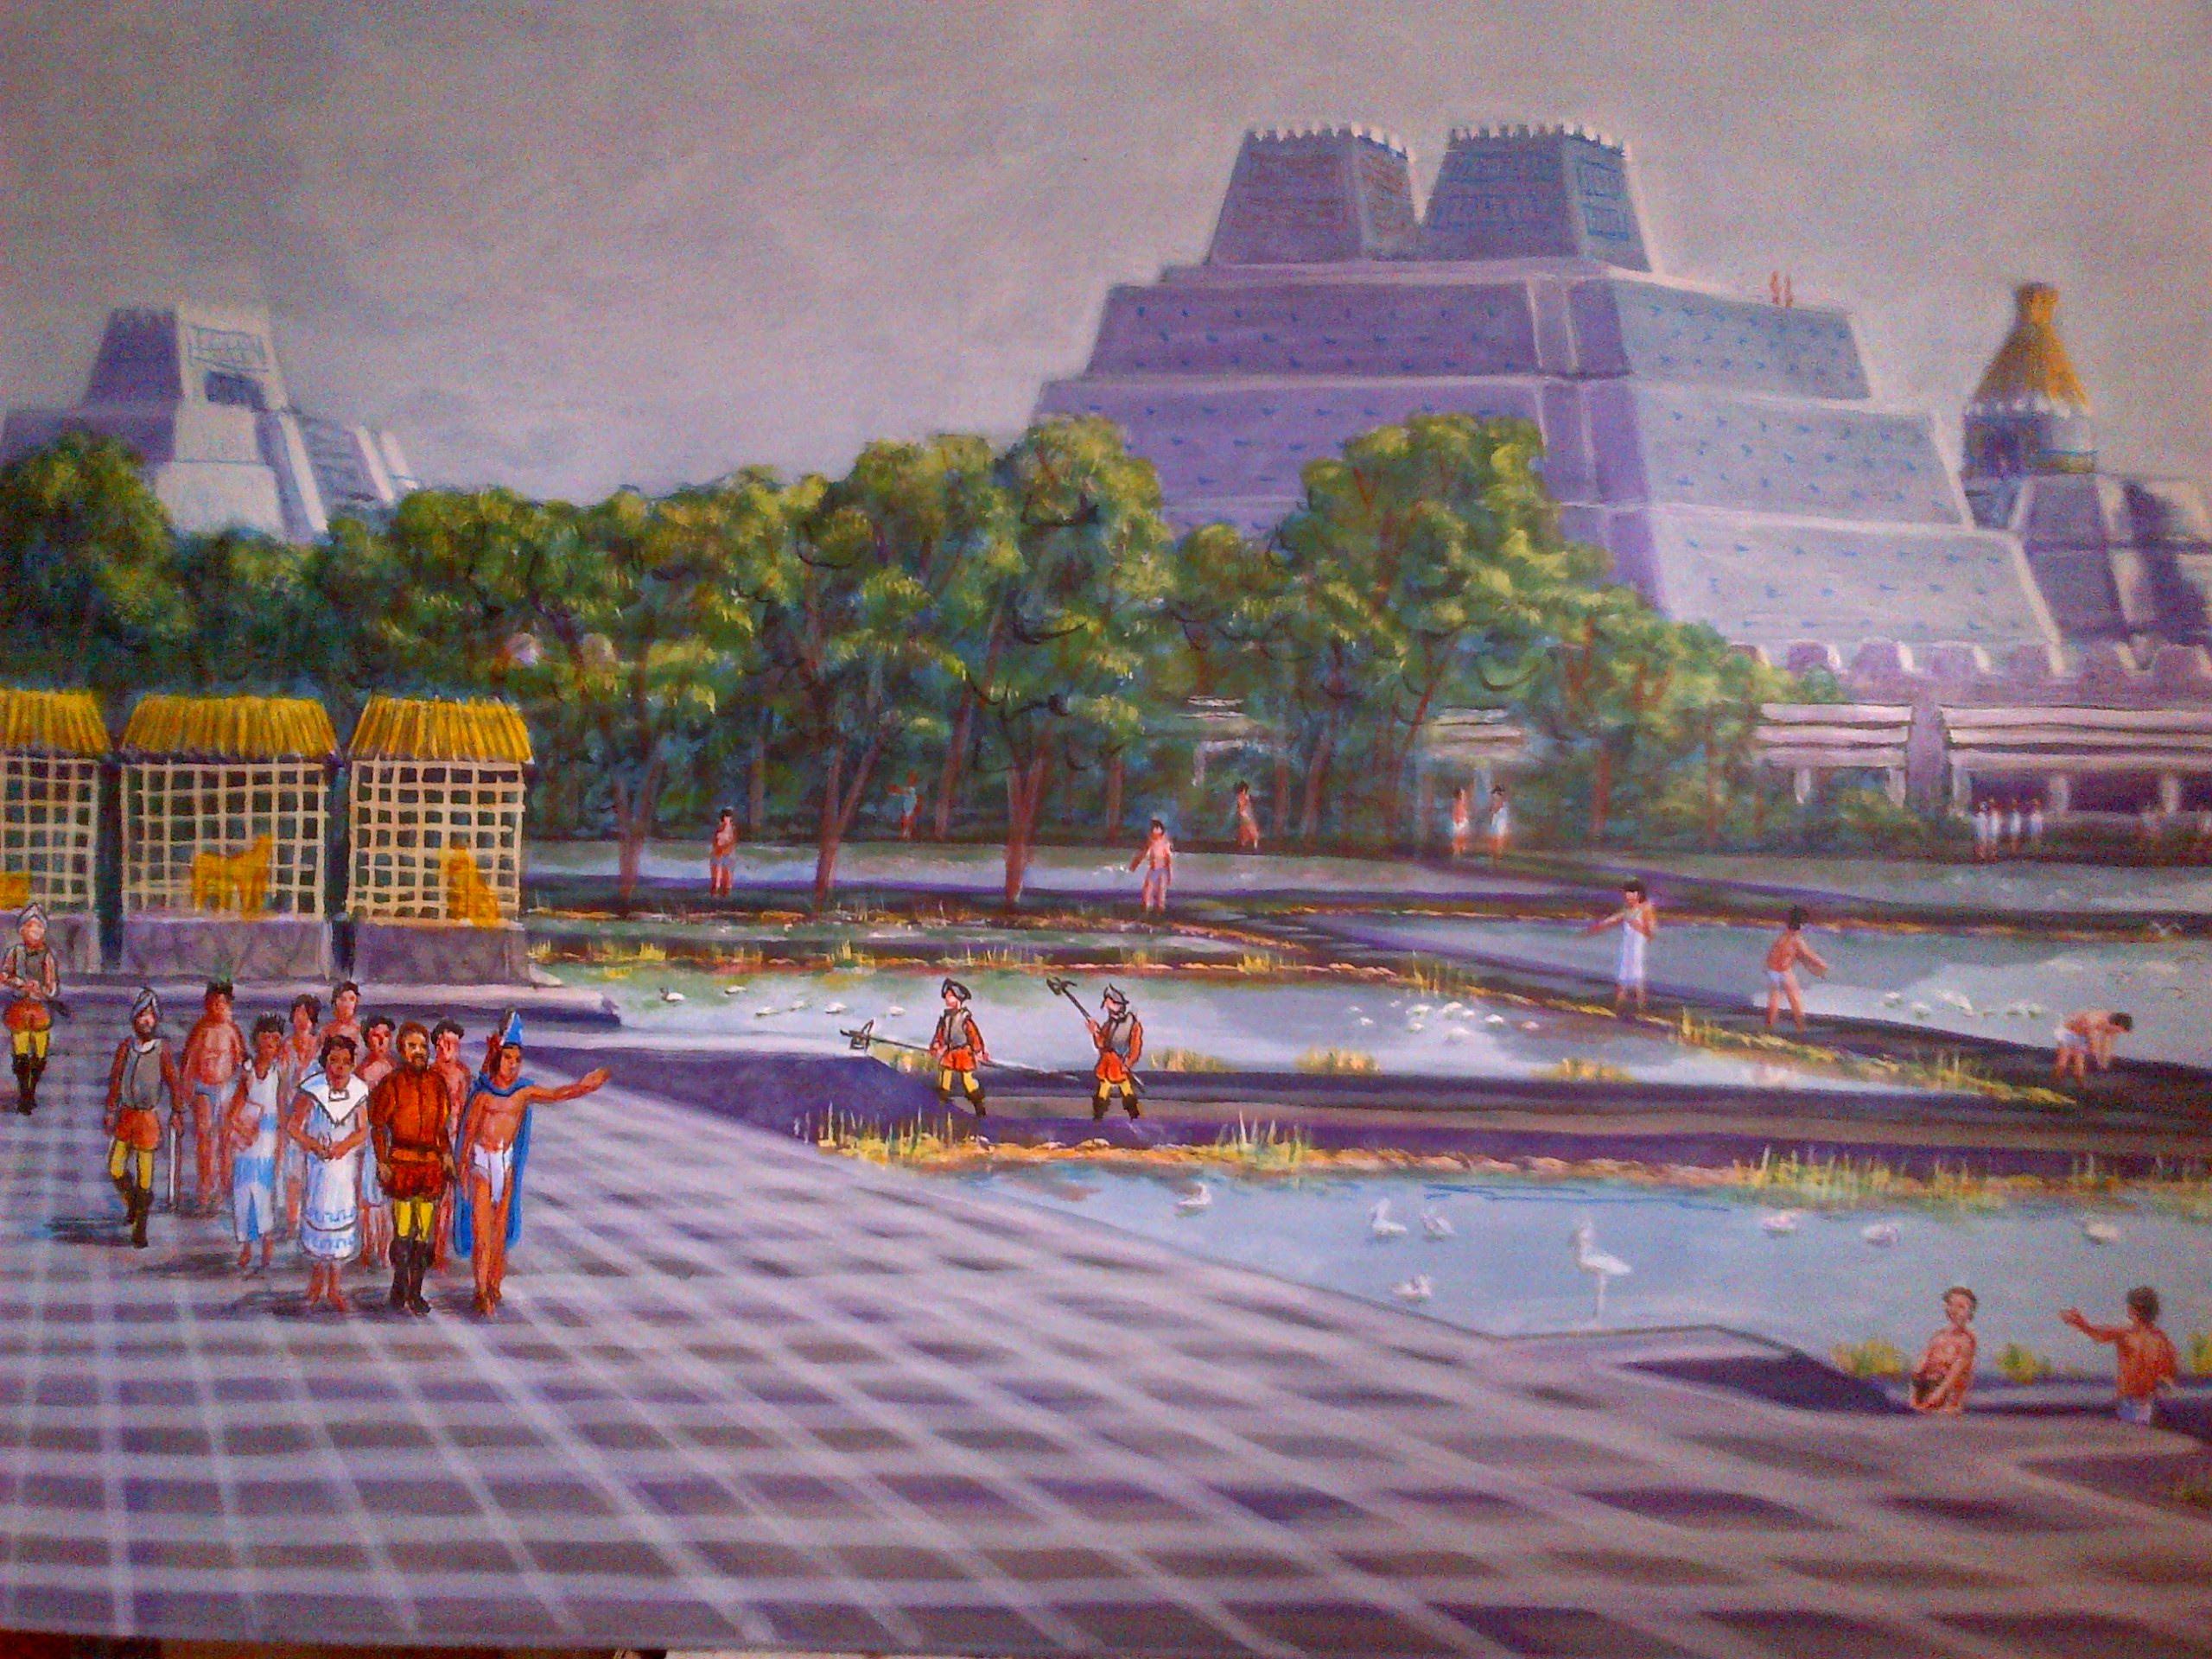 Zoológico de Moctezuma